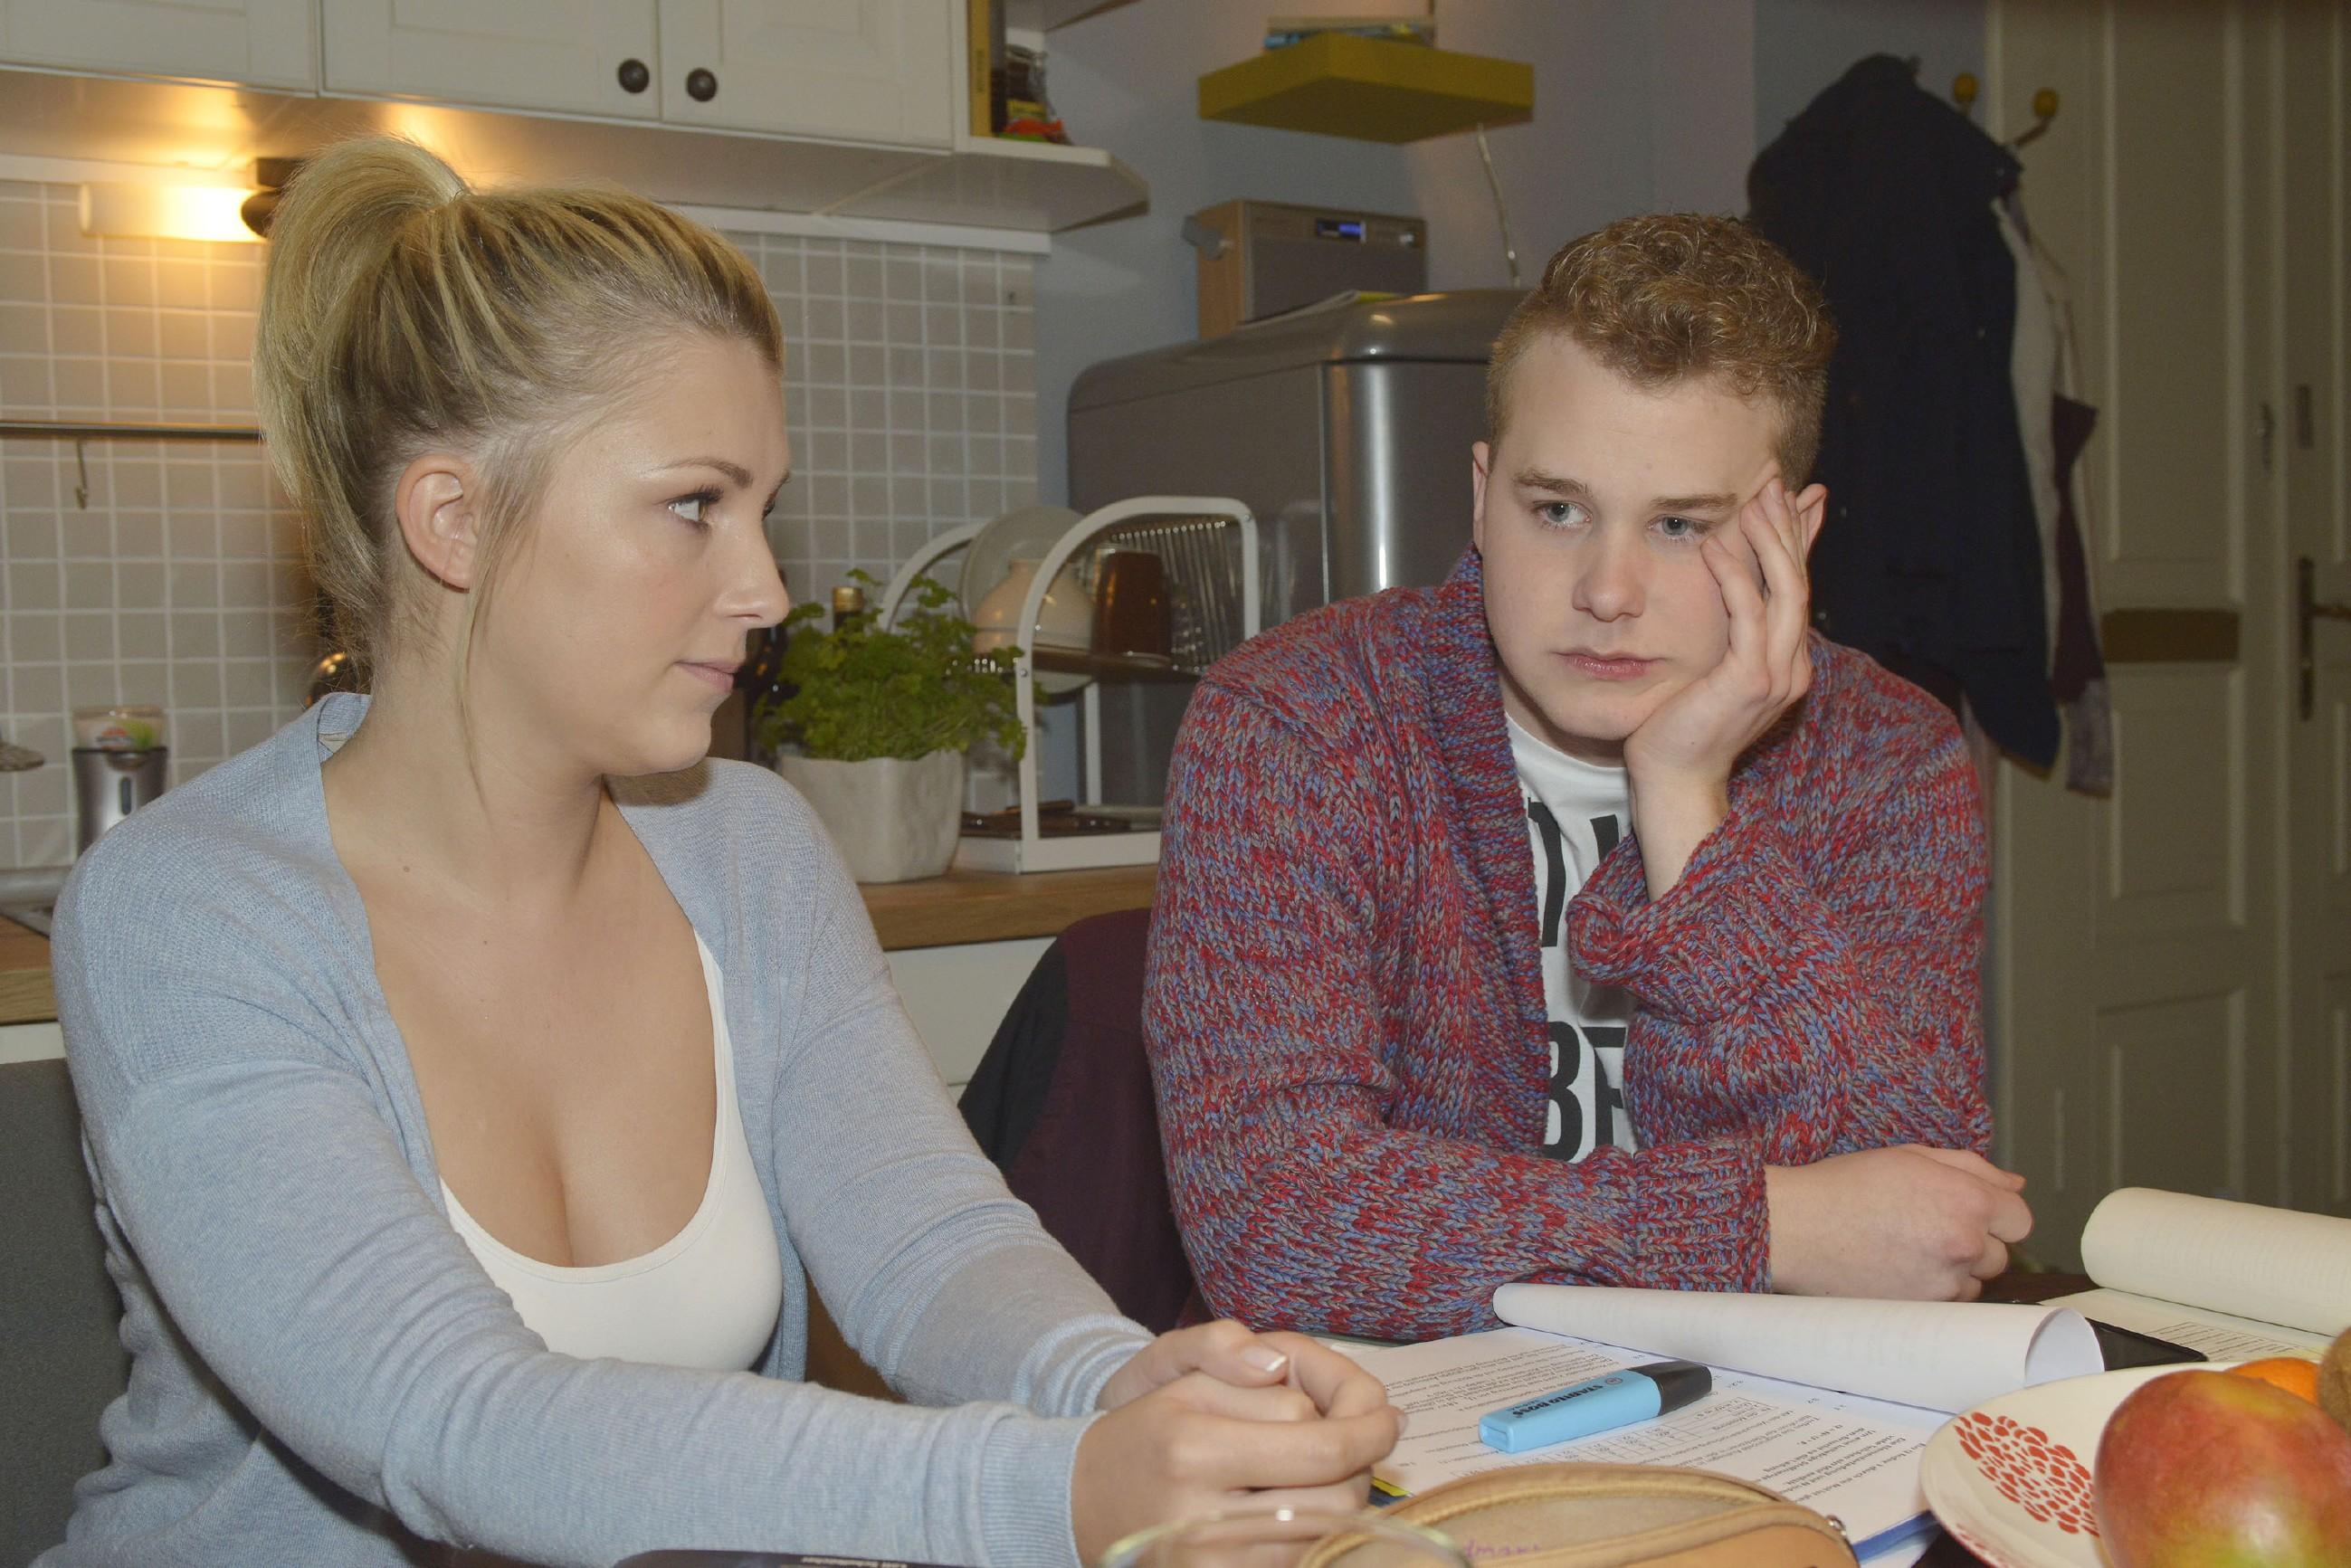 Obwohl er versprochen hat, mit Lilly (Iris Mareike Steen) den relevanten Stoff für die Abiprüfung noch mal durchzugehen, erkennt diese, dass Jonas (Felix van Deventer) mit den Gedanken ganz woanders ist. (Quelle: RTL / Rolf Baumgartner)